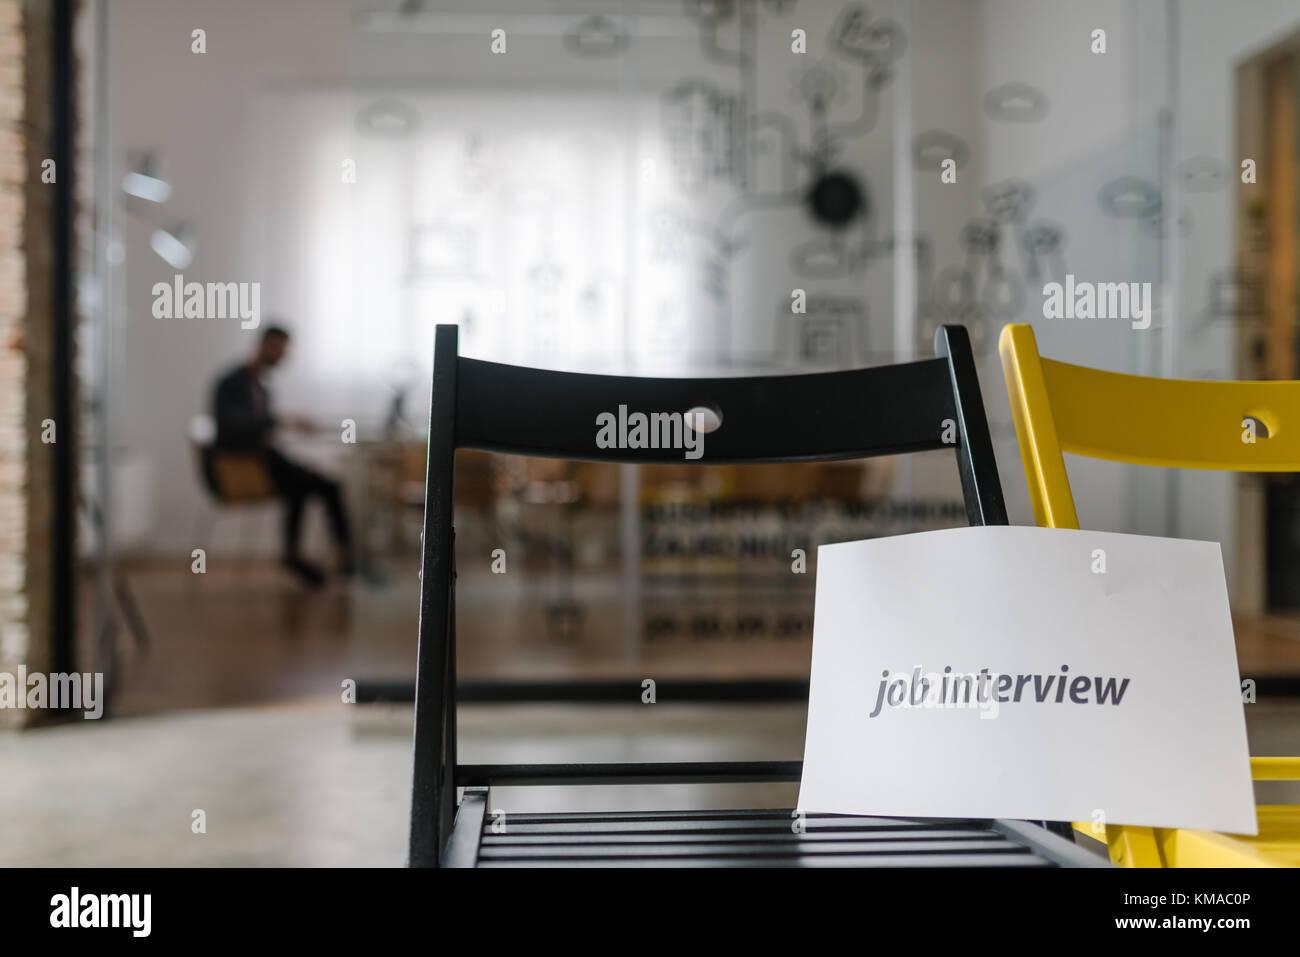 Nuove aperture di lavoro per una nuova azienda start-up Immagini Stock